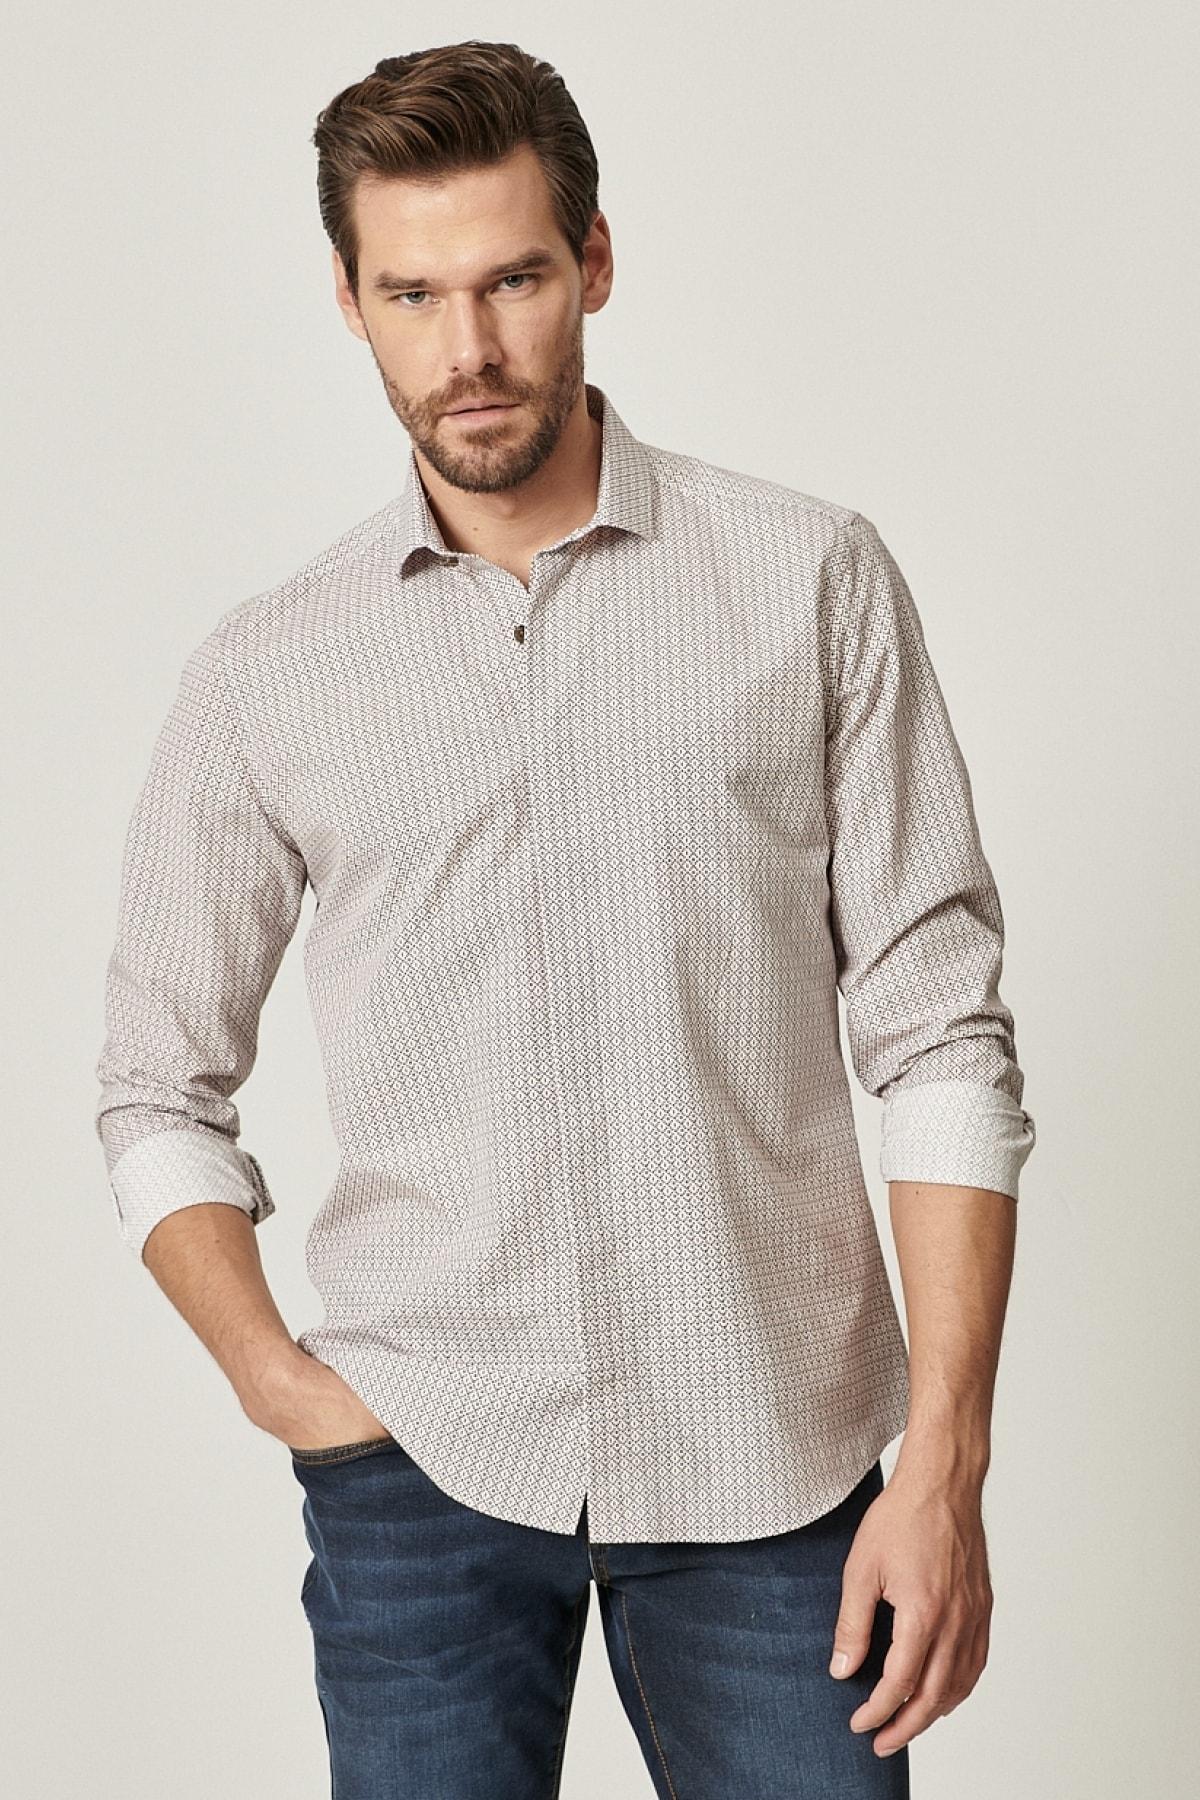 Erkek Beyaz-Kahverengi Tailored Slim Fit Dar Kesim Küçük İtalyan Yaka Baskılı Gömlek